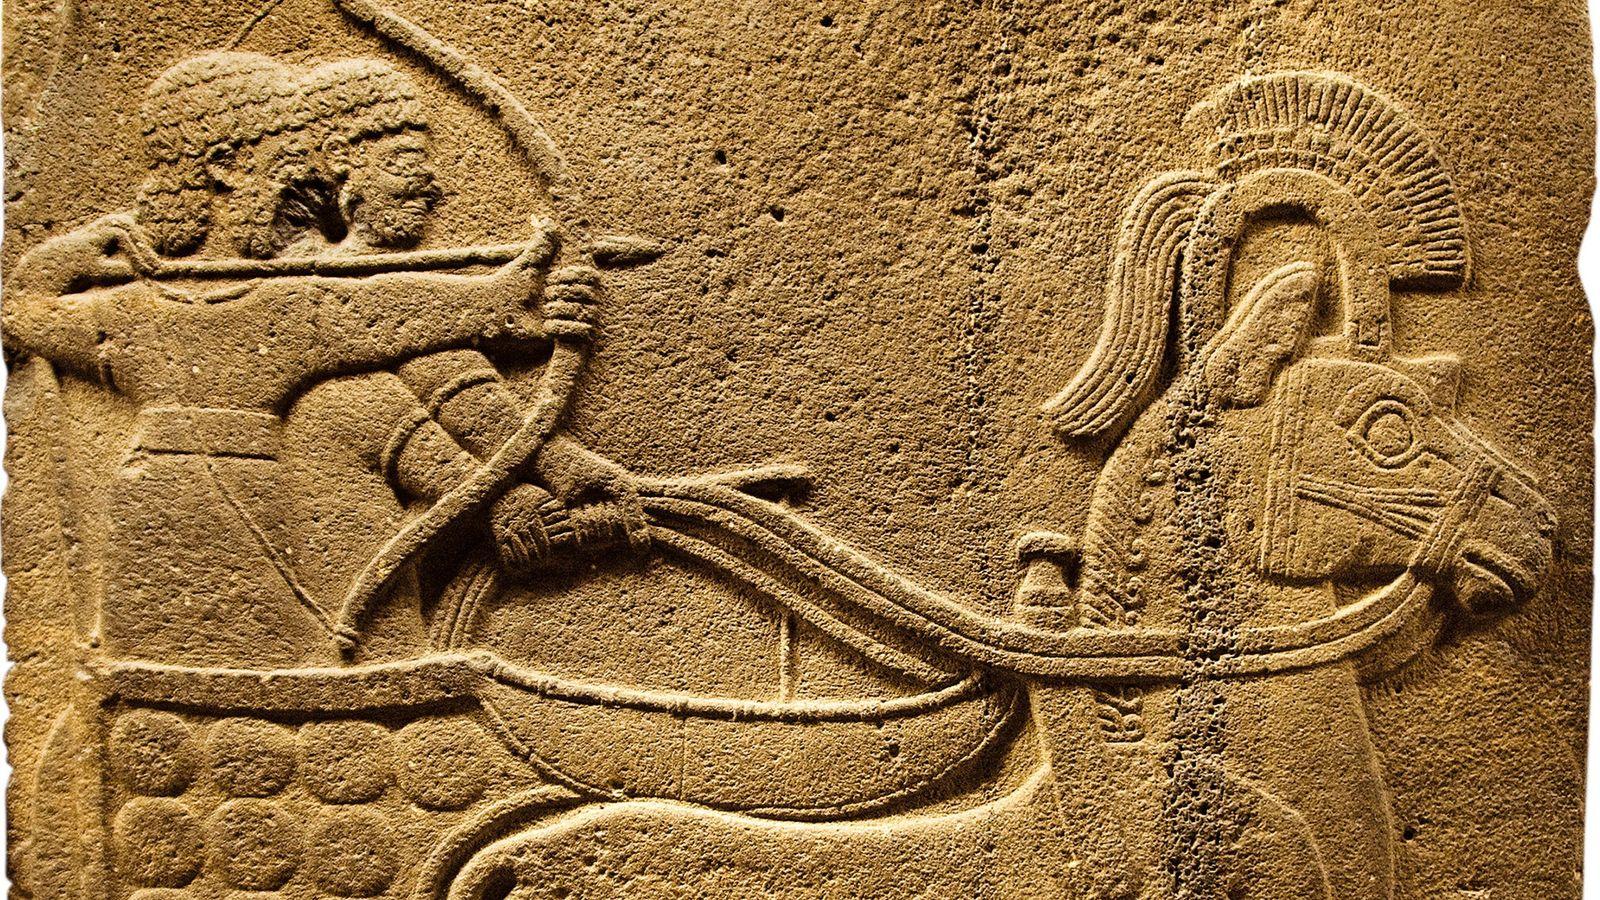 Ce relief représente un char écrasant un ennemi.Il a été réalisé entre le Xe et le ...